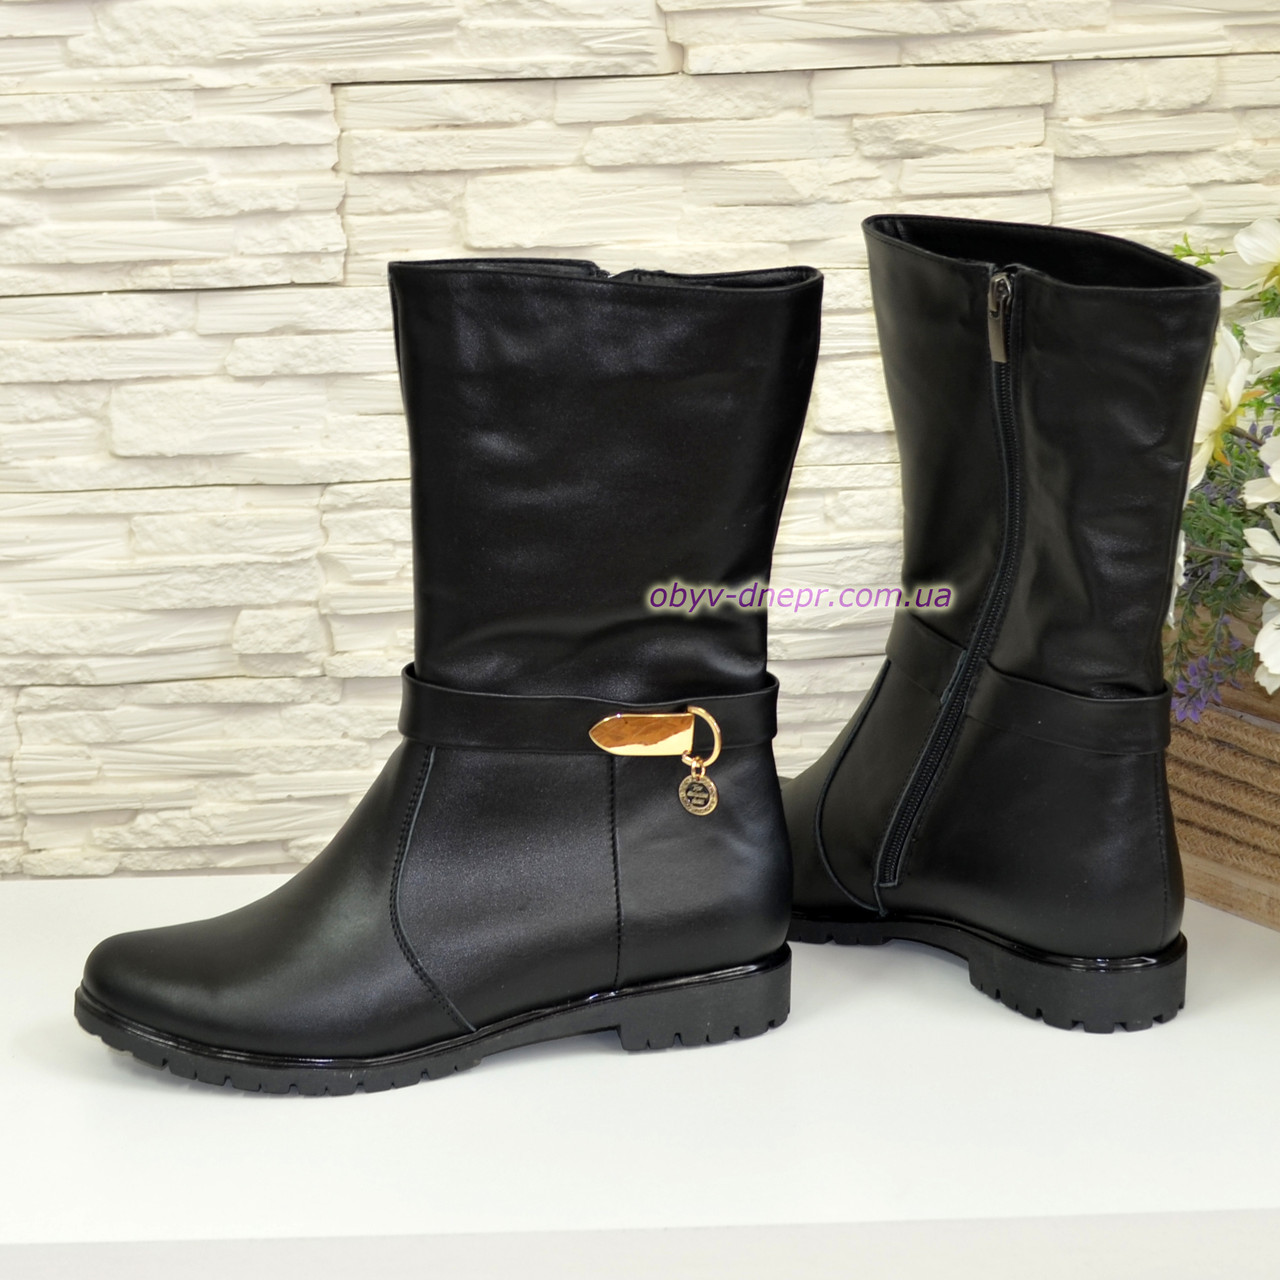 Ботинки женские кожаные зимние на низком ходу, цвет черный.